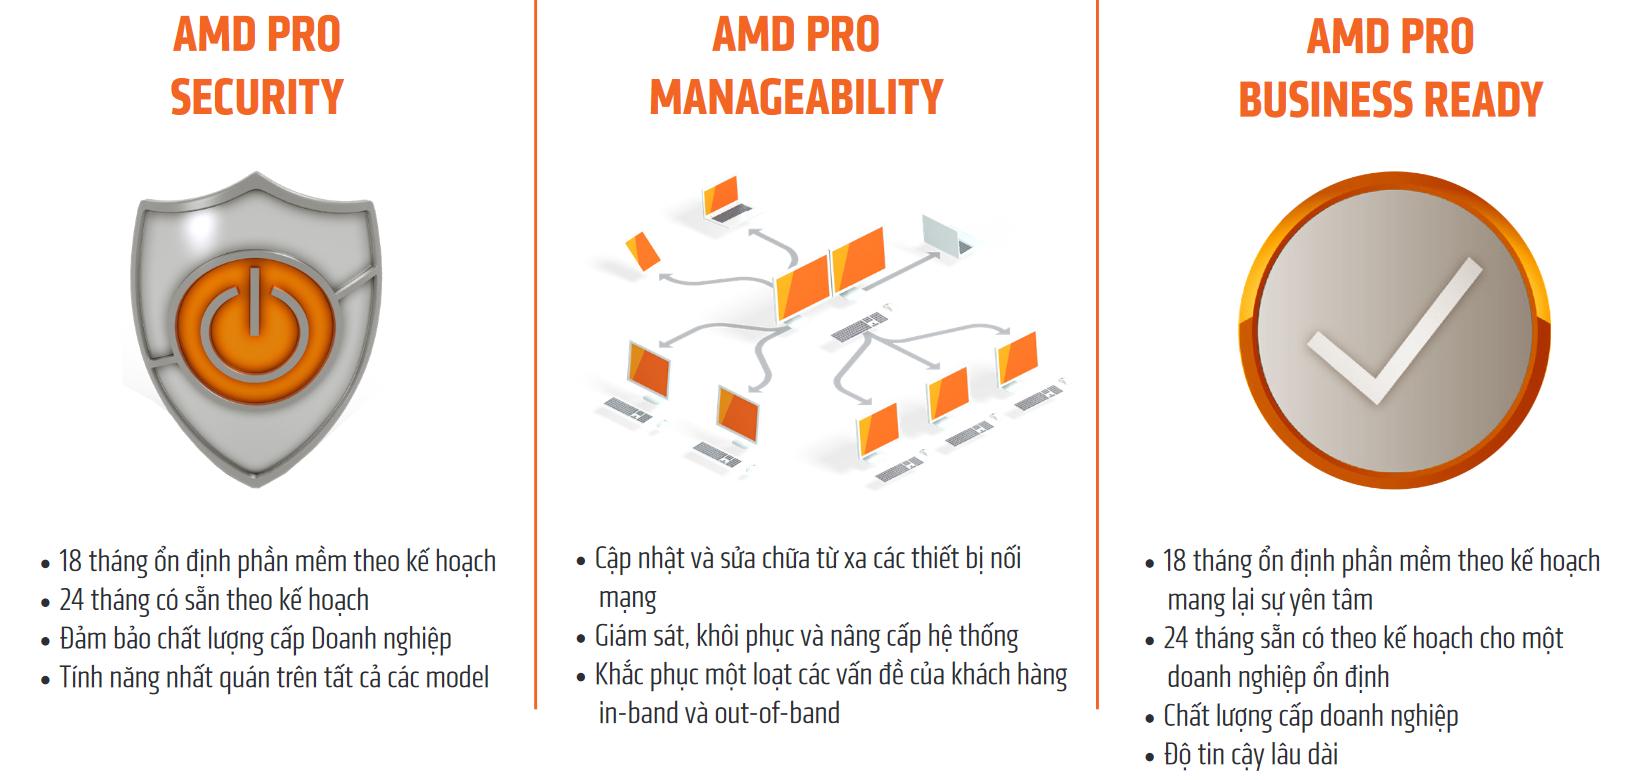 Công nghệ bảo mật AMD PRO